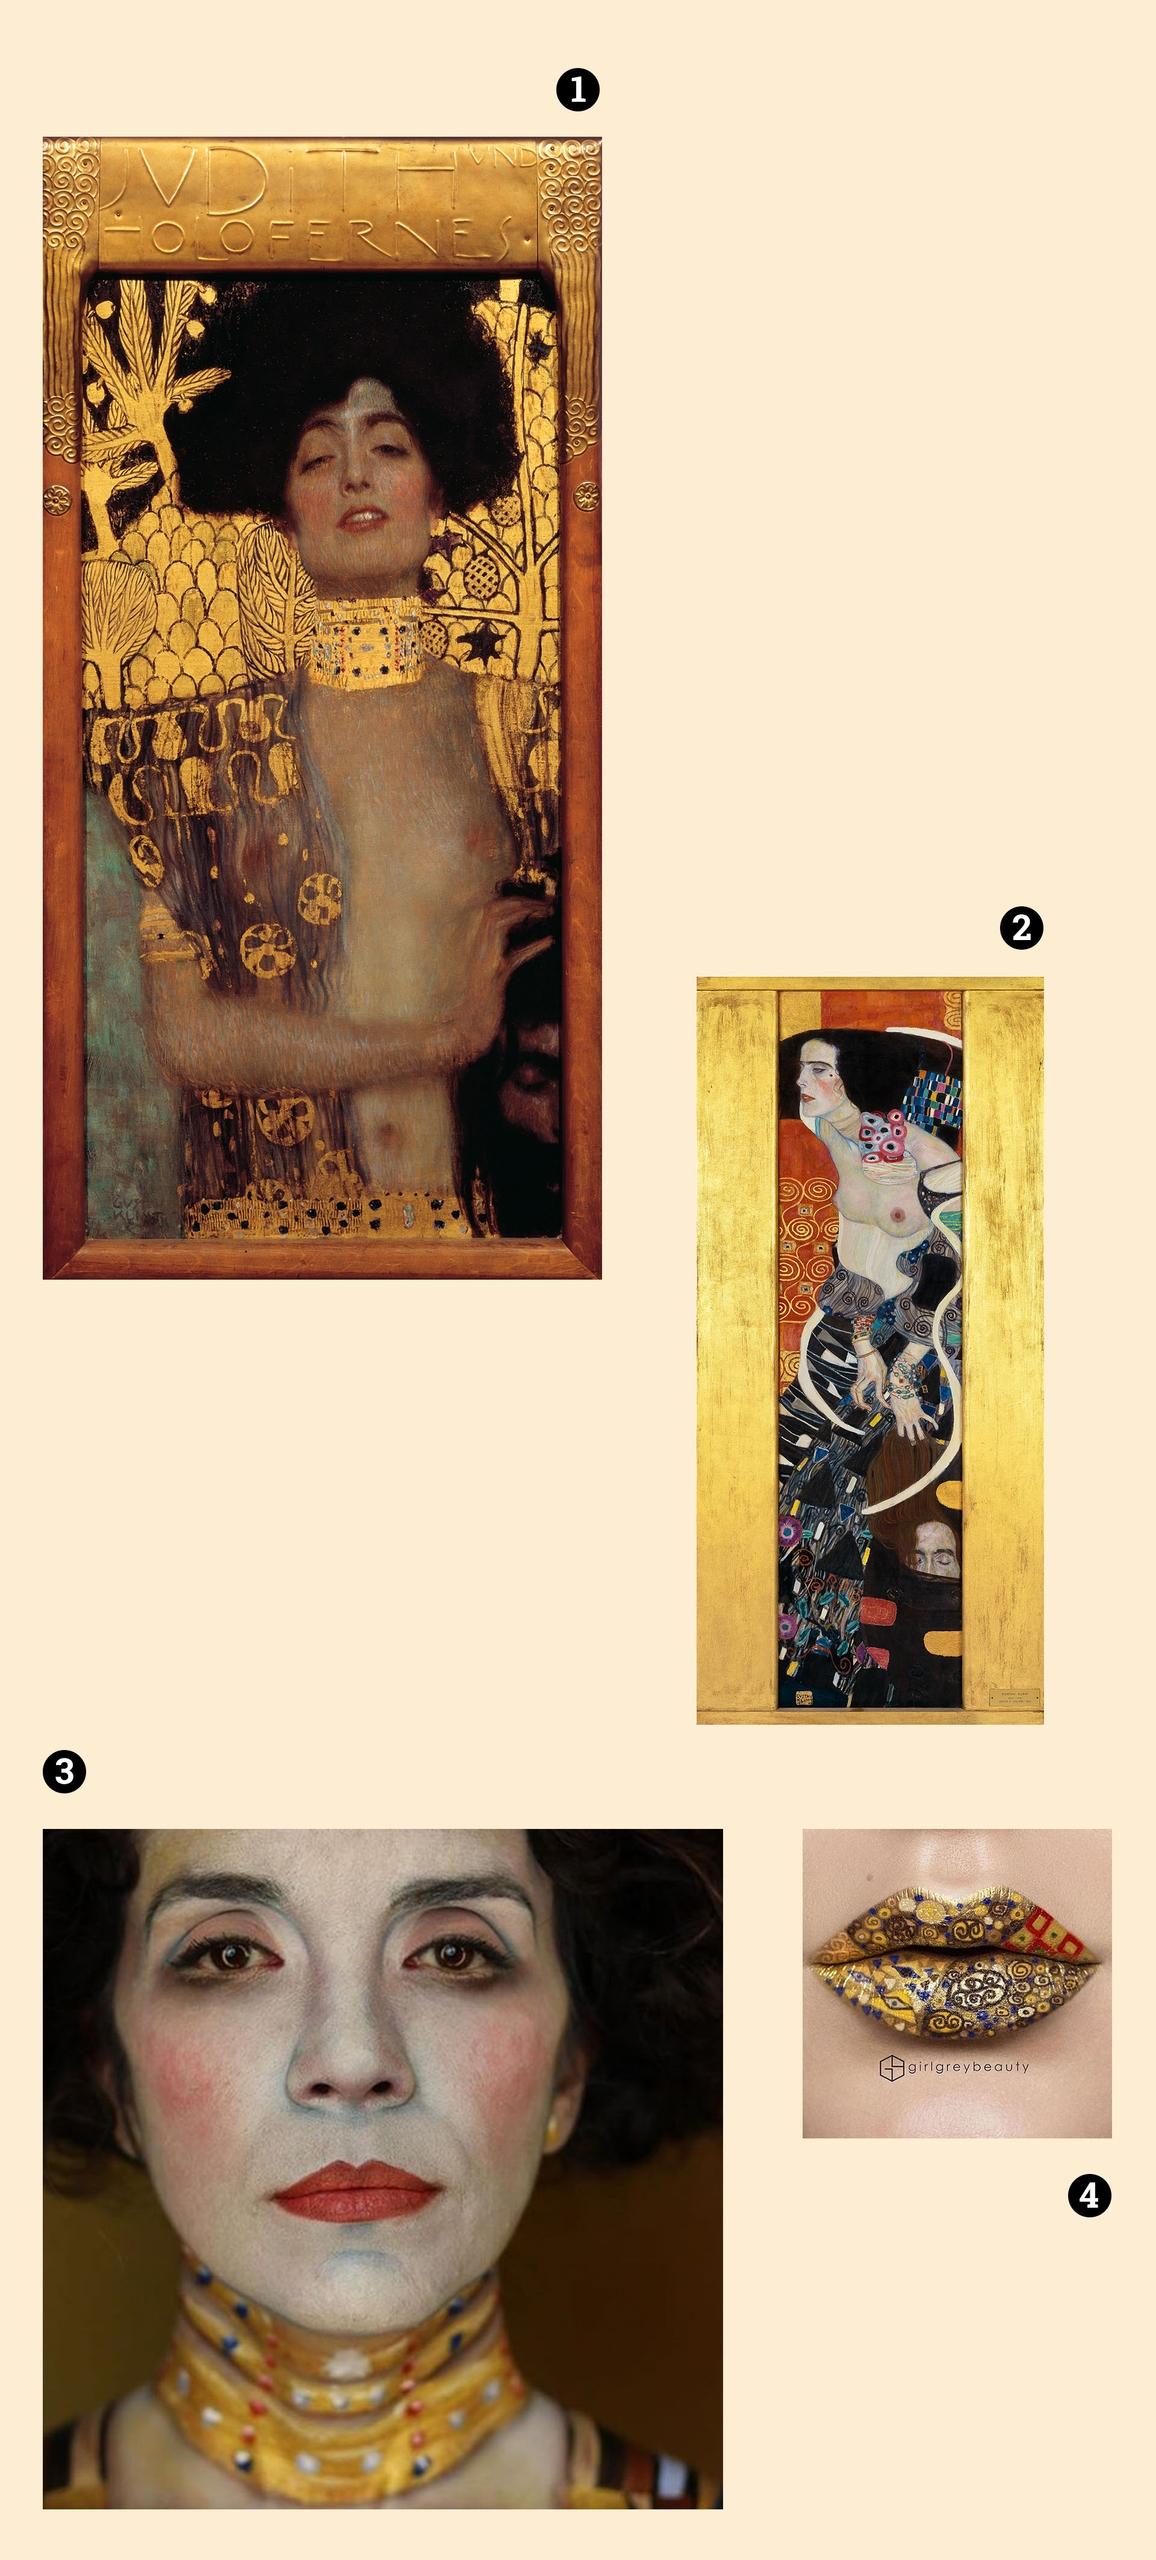 Obraz przedstawia cztery zdjęcia na jasno-żółtym tle. Widzimy obrazy znanego artysty, modelkę w makijażu i usta.